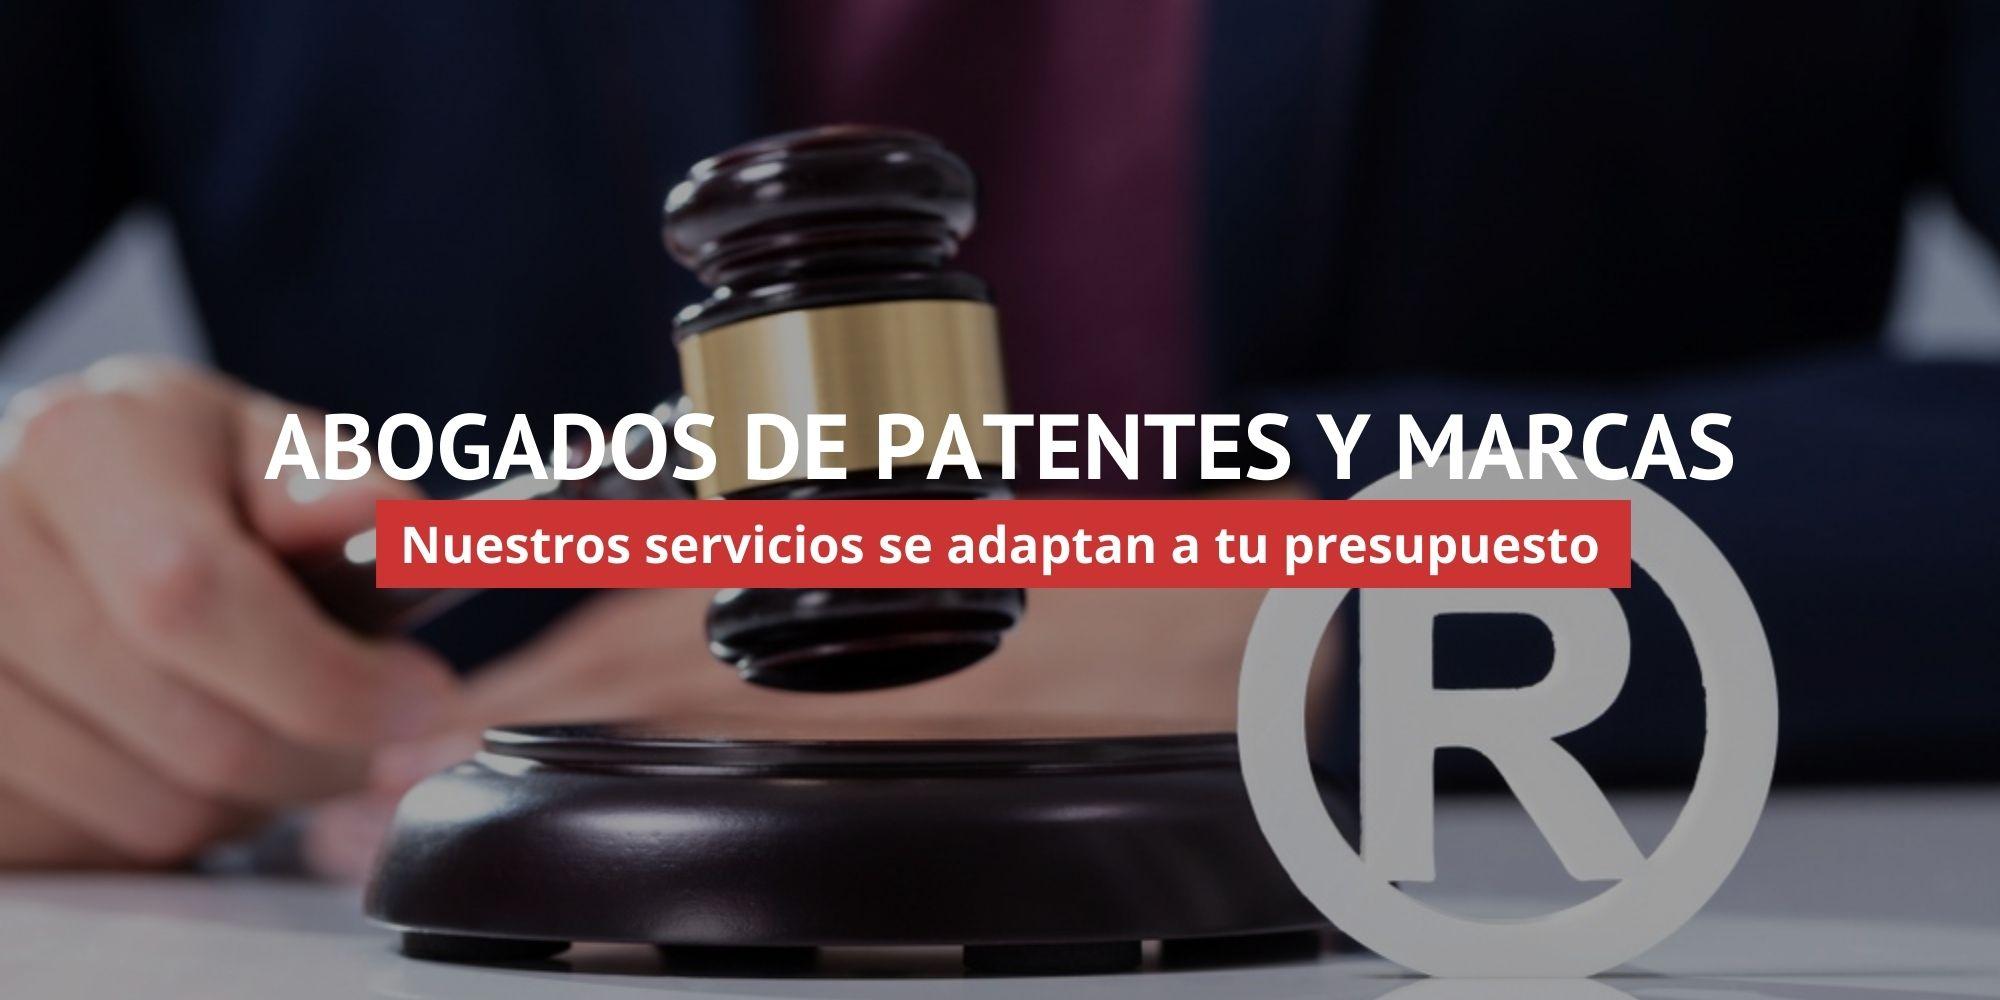 Abogados de Patentes y Marcas en Murcia | ACC LEGAL ABOGADOS